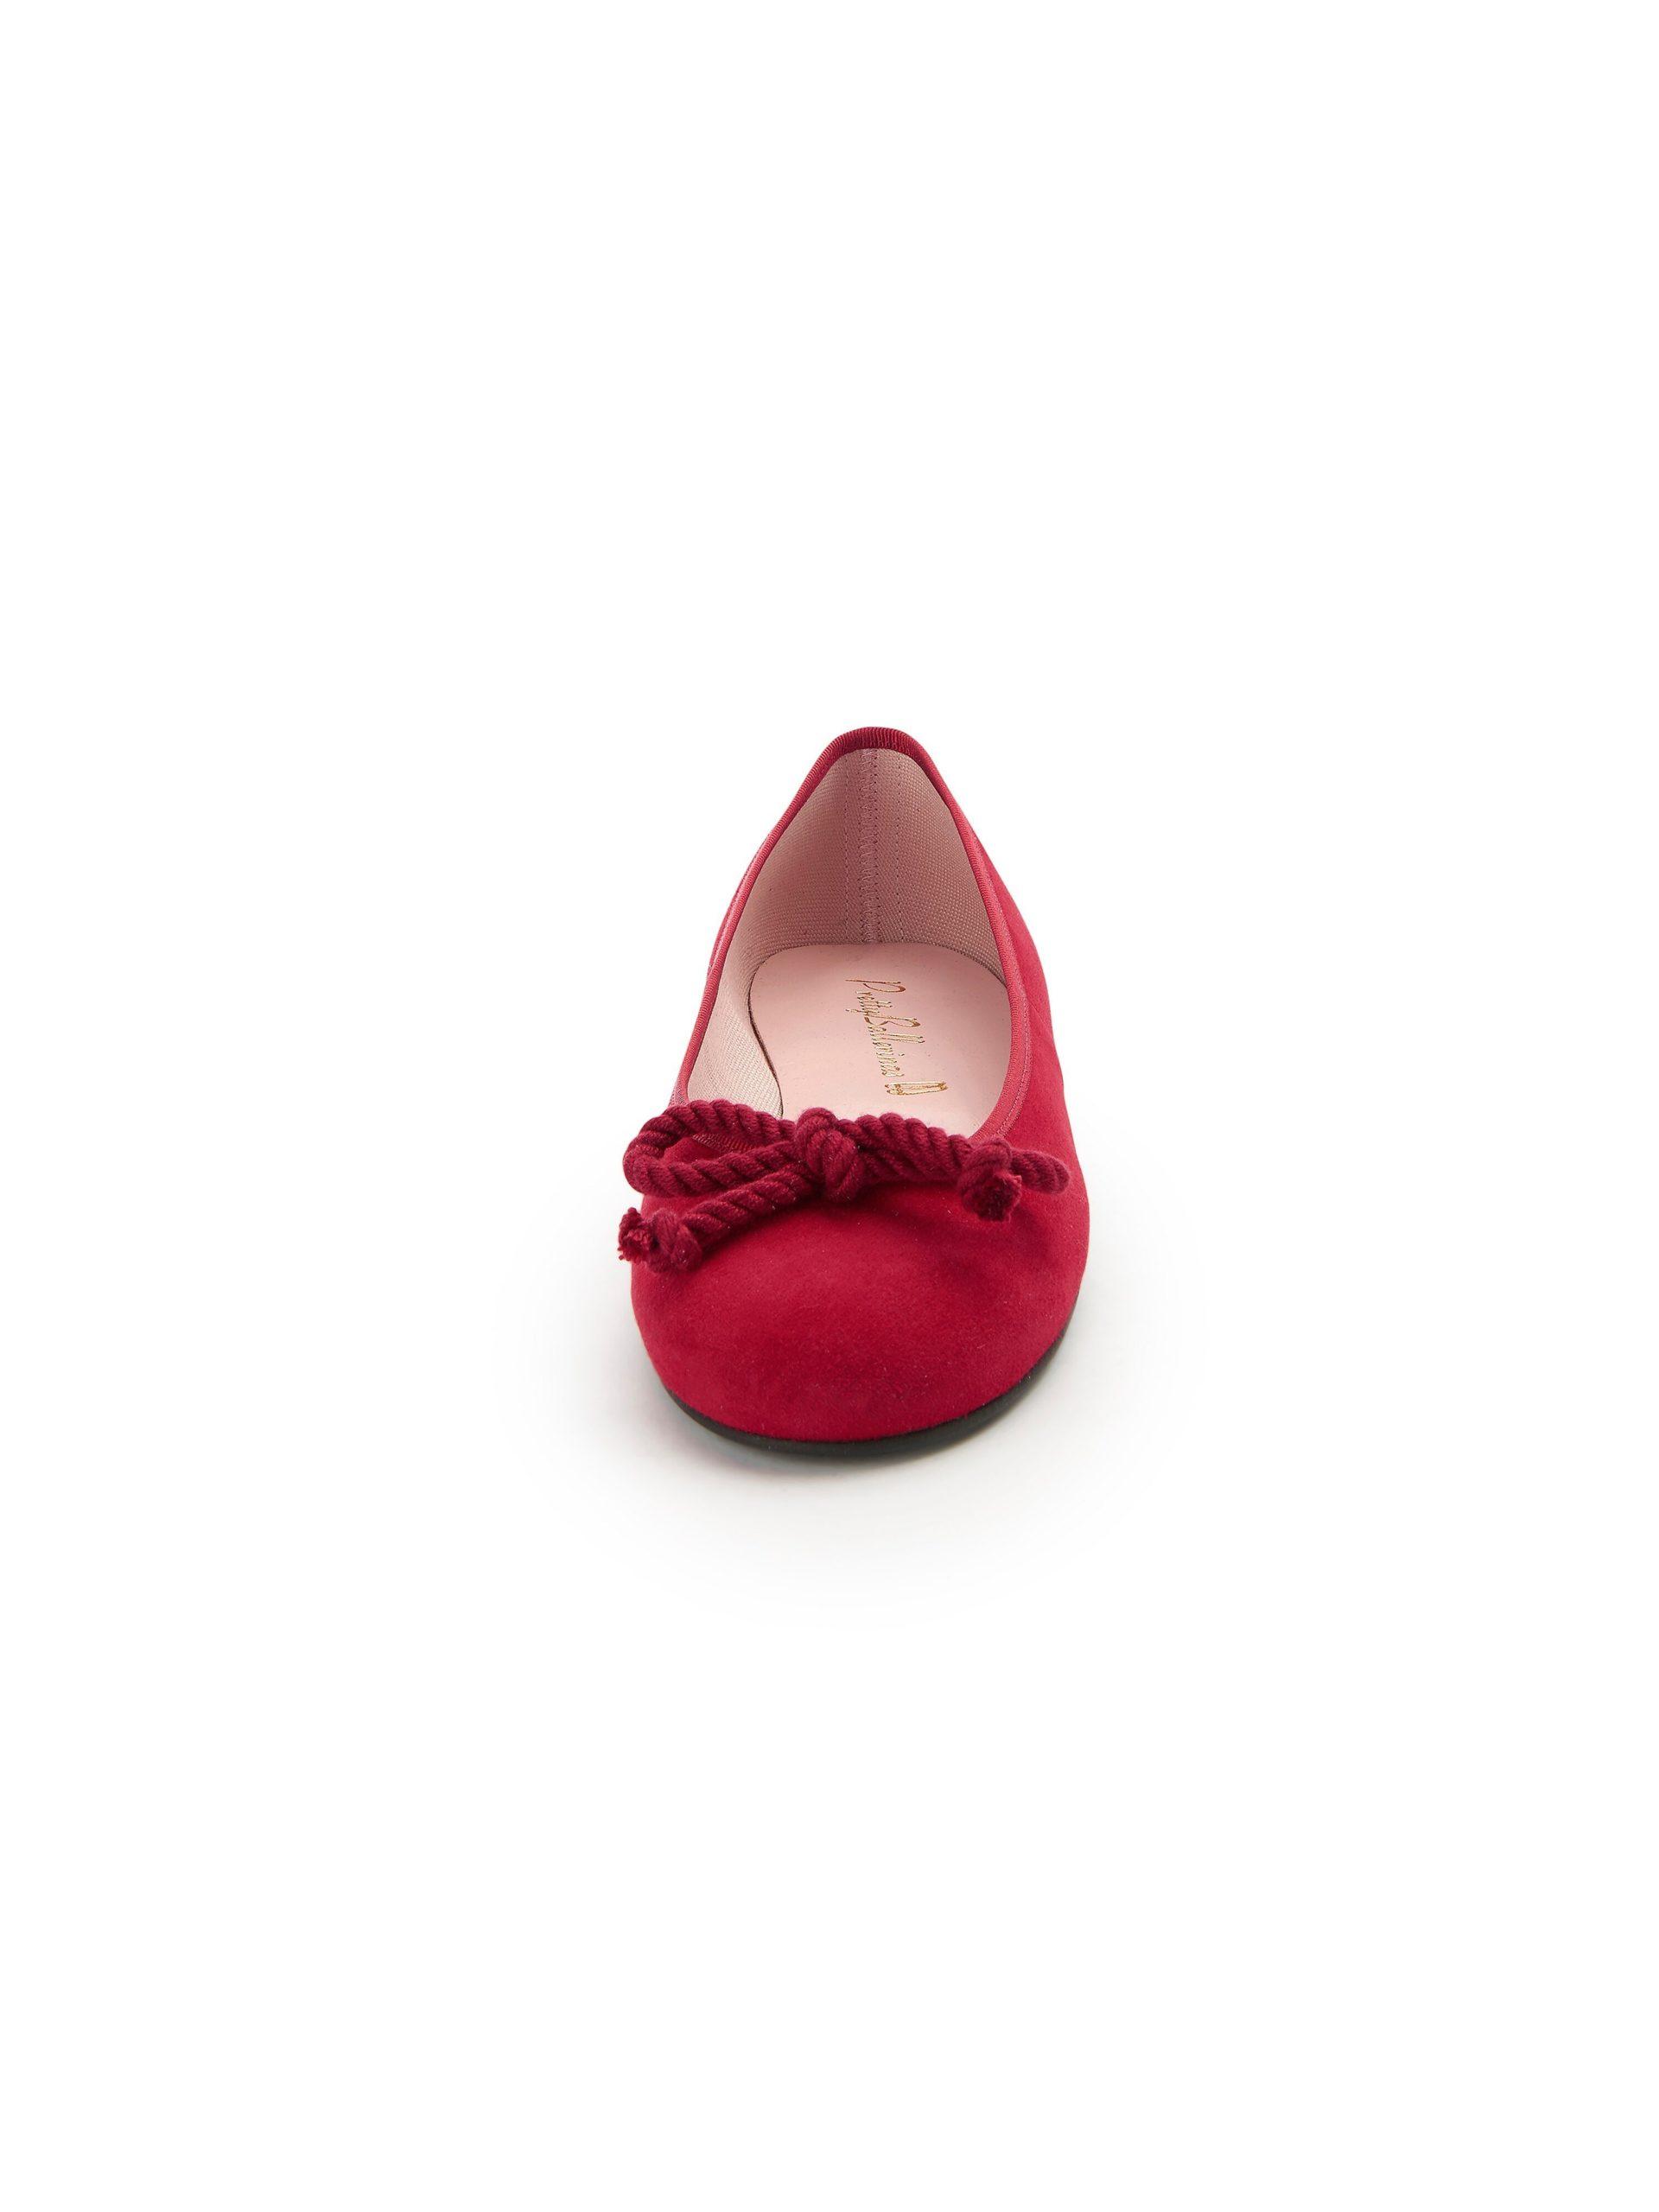 Ballerina's van kalfslakleer Van Pretty Ballerinas rood Kopen